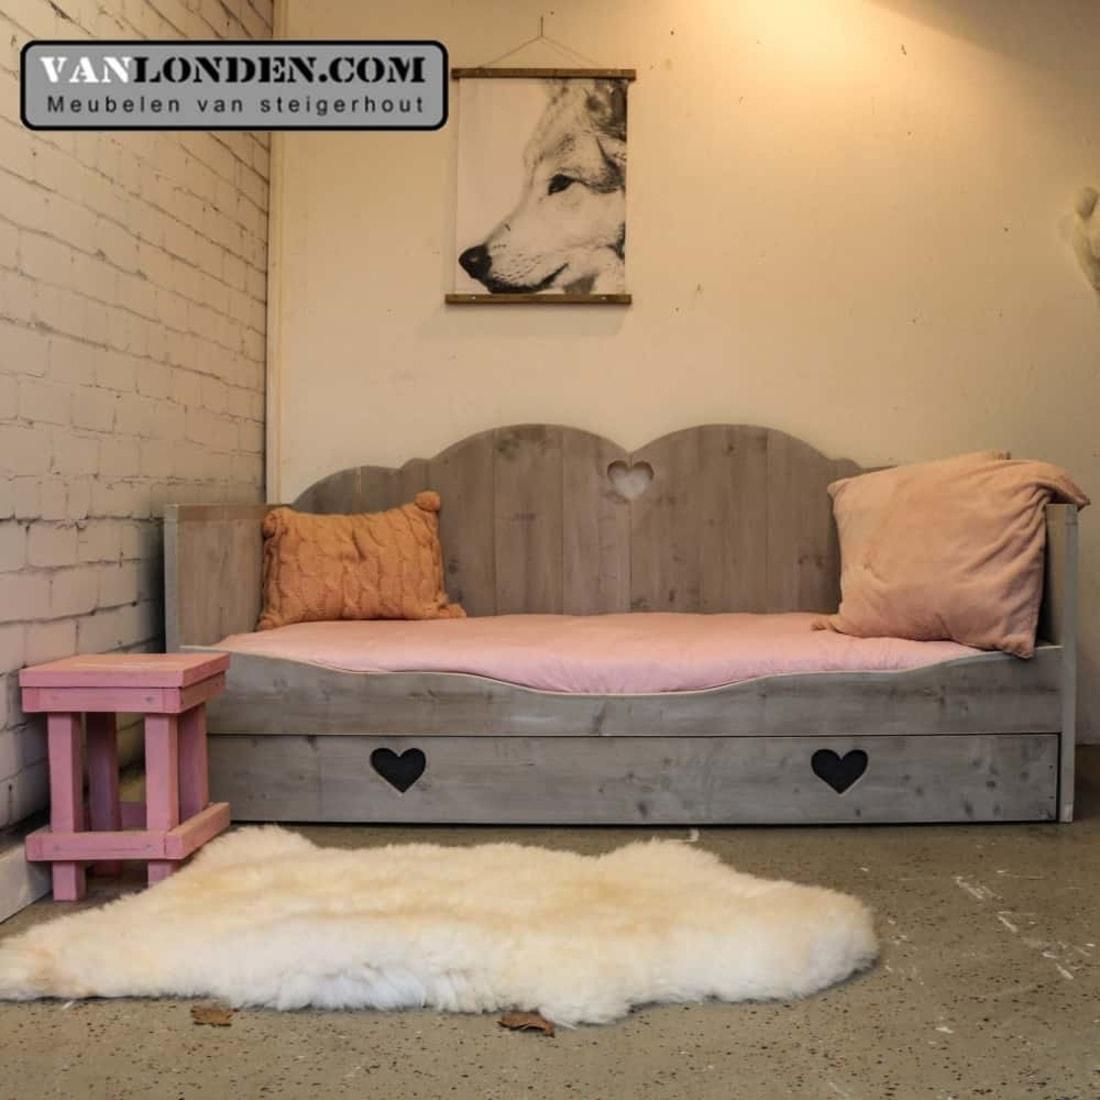 Welke steigerhout meubelen maak jij?